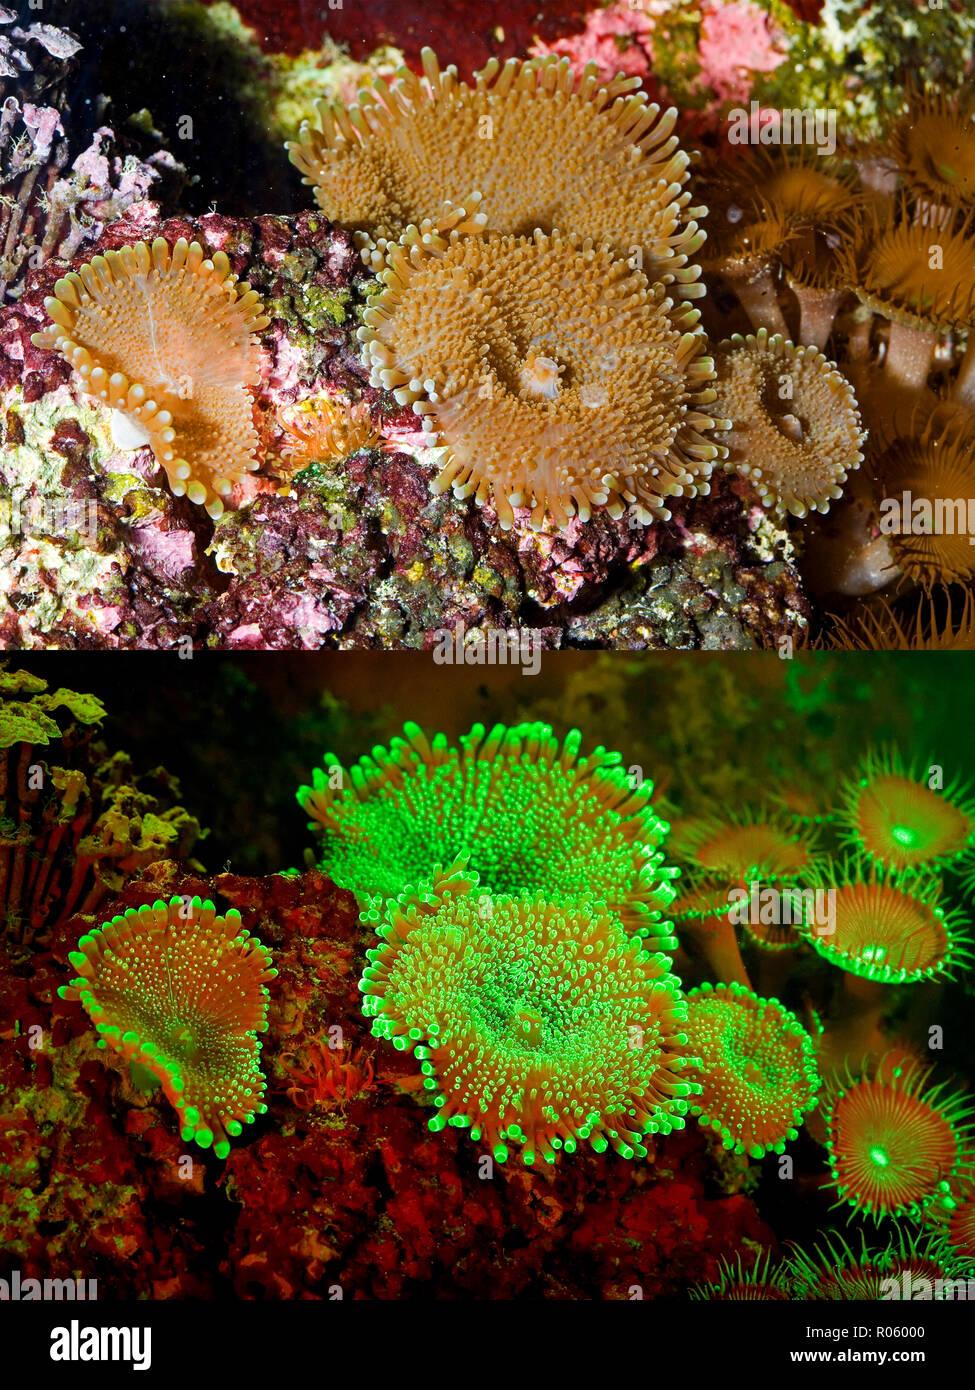 Les coraux fluorescents. Les champignons, Ricordea sp.. Photographié ci-dessus avec lumière du jour et ci-dessous montrant les couleurs fluorescentes photographiées dans des Photo Stock